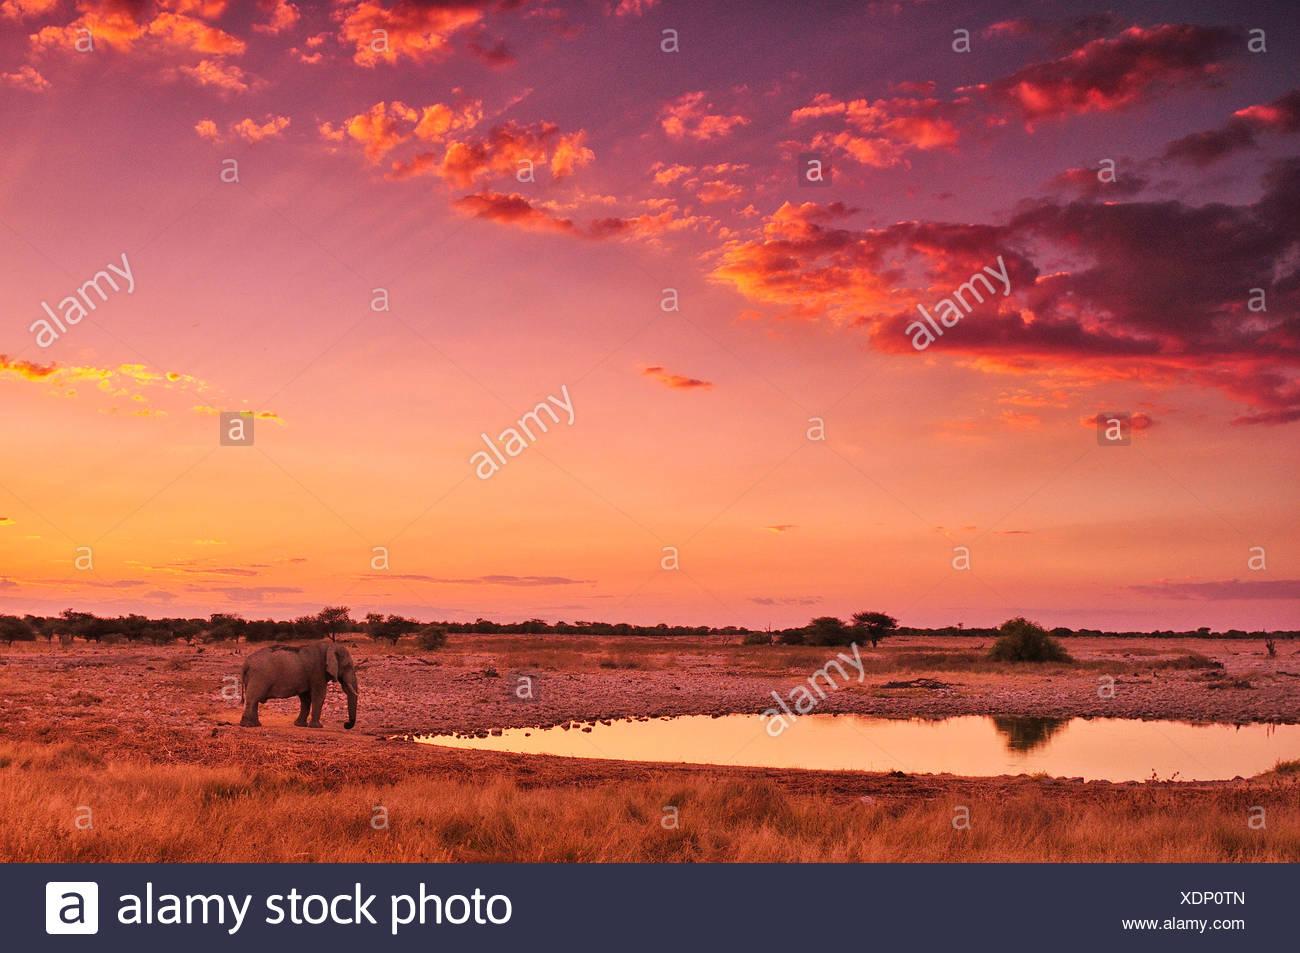 África, Namibia, el Parque Nacional de Etosha, puesta de sol, el elefante, el animal, waterhole, safari, animales salvajes, rojo, Loxodonta africana, un Imagen De Stock